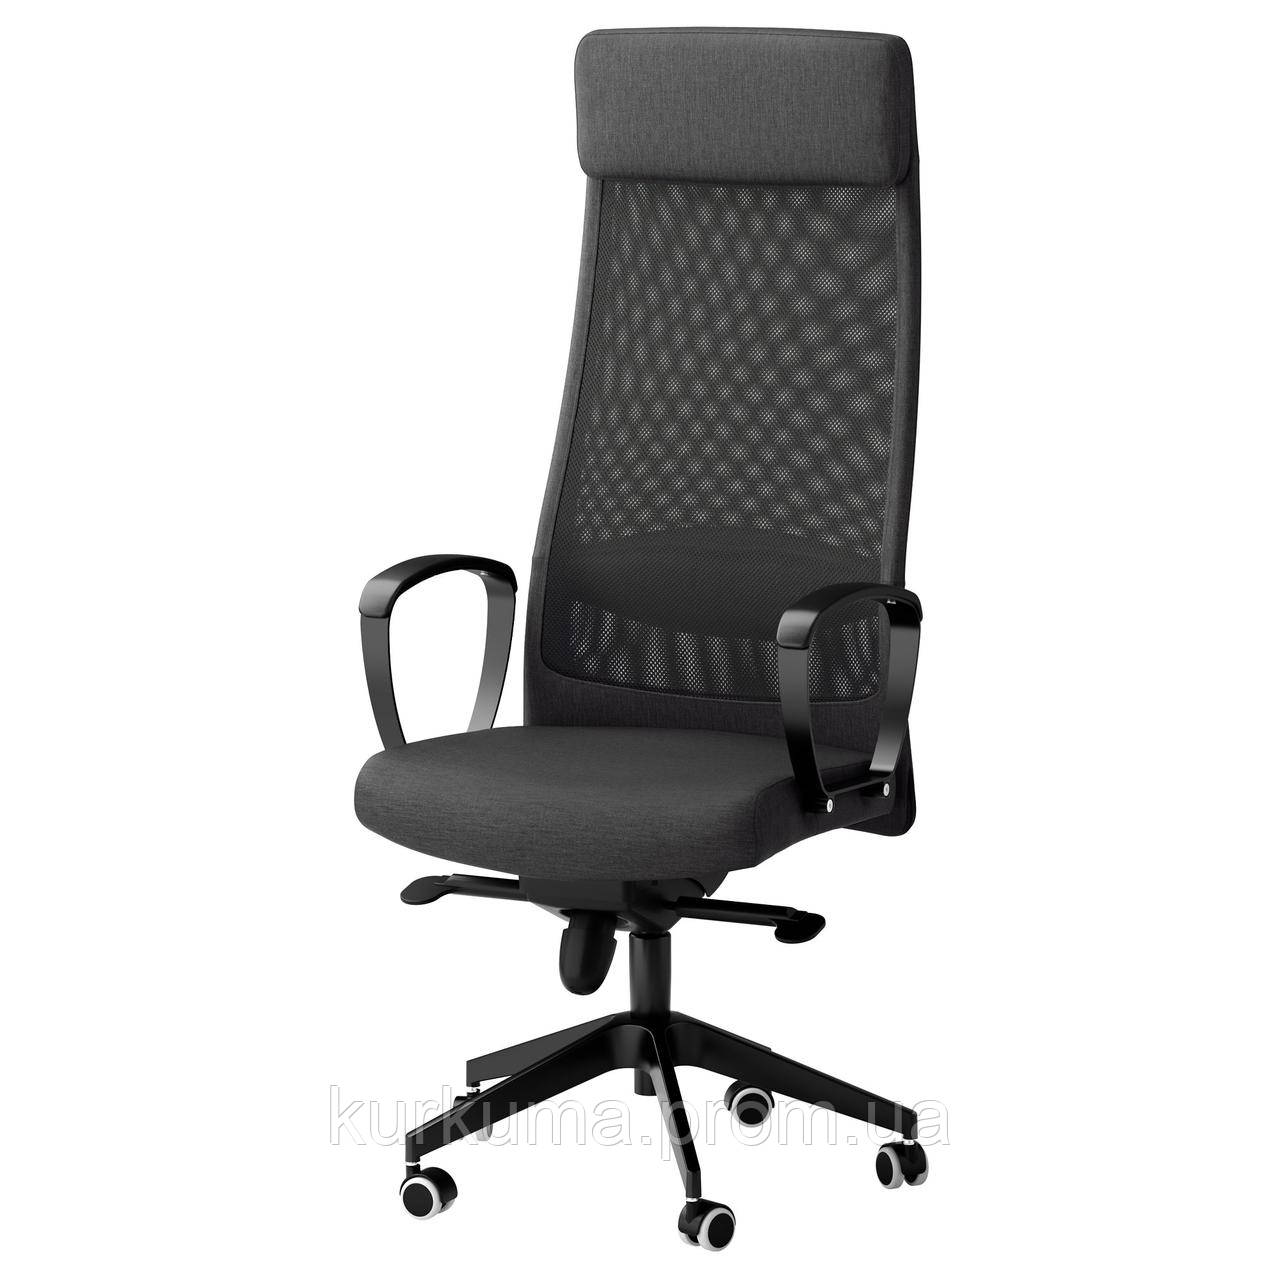 IKEA MARKUS Рабочий стул, ВИССЛЕ темно-серый  (702.611.50)